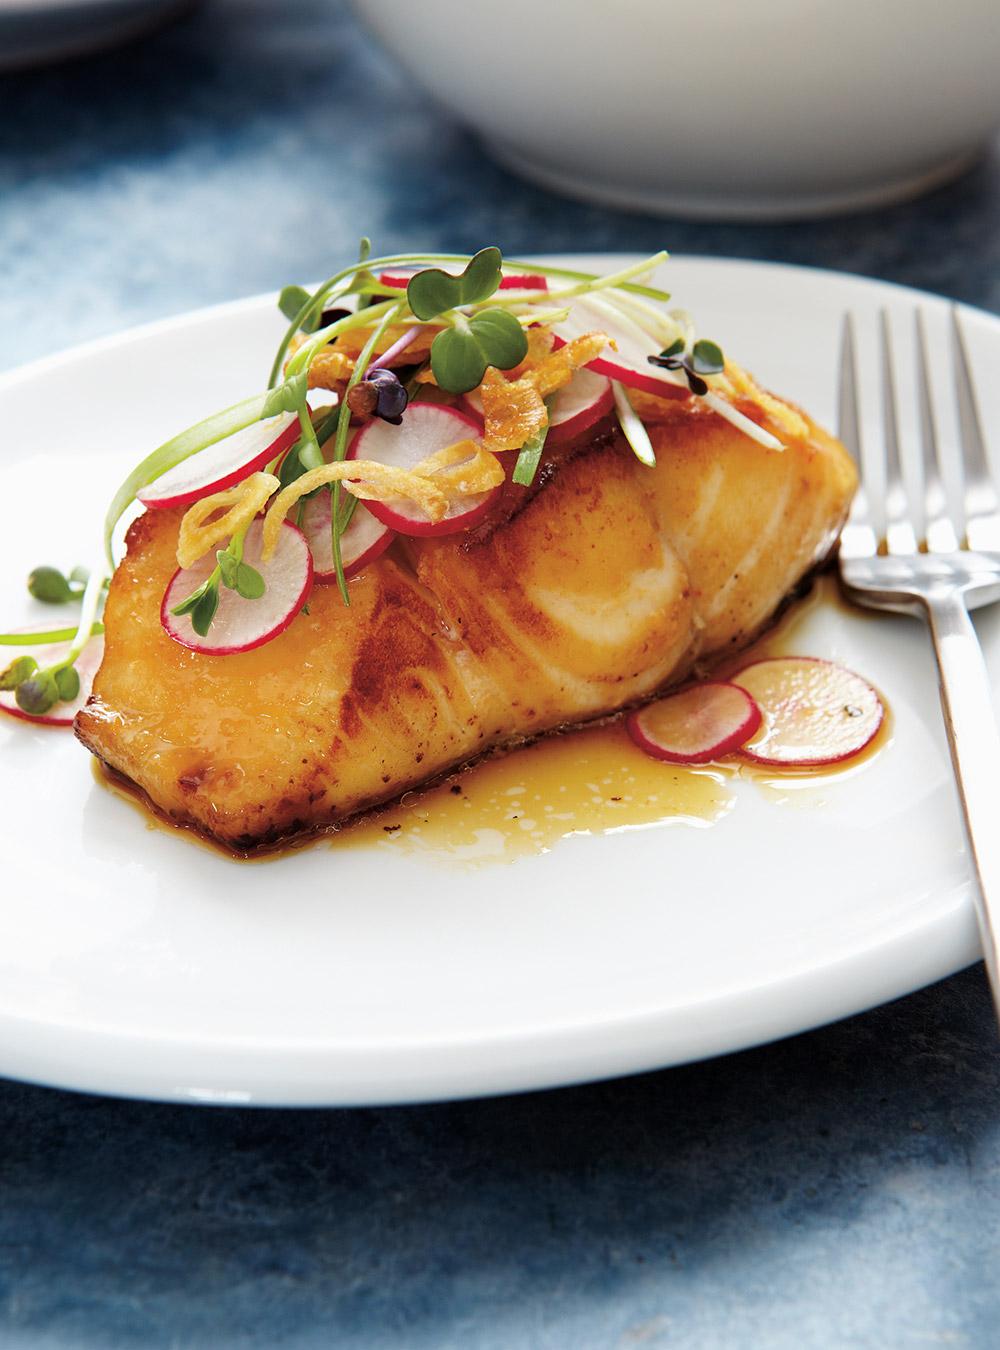 Cuisinez les poissons comme un chef  page 3 | ricardo